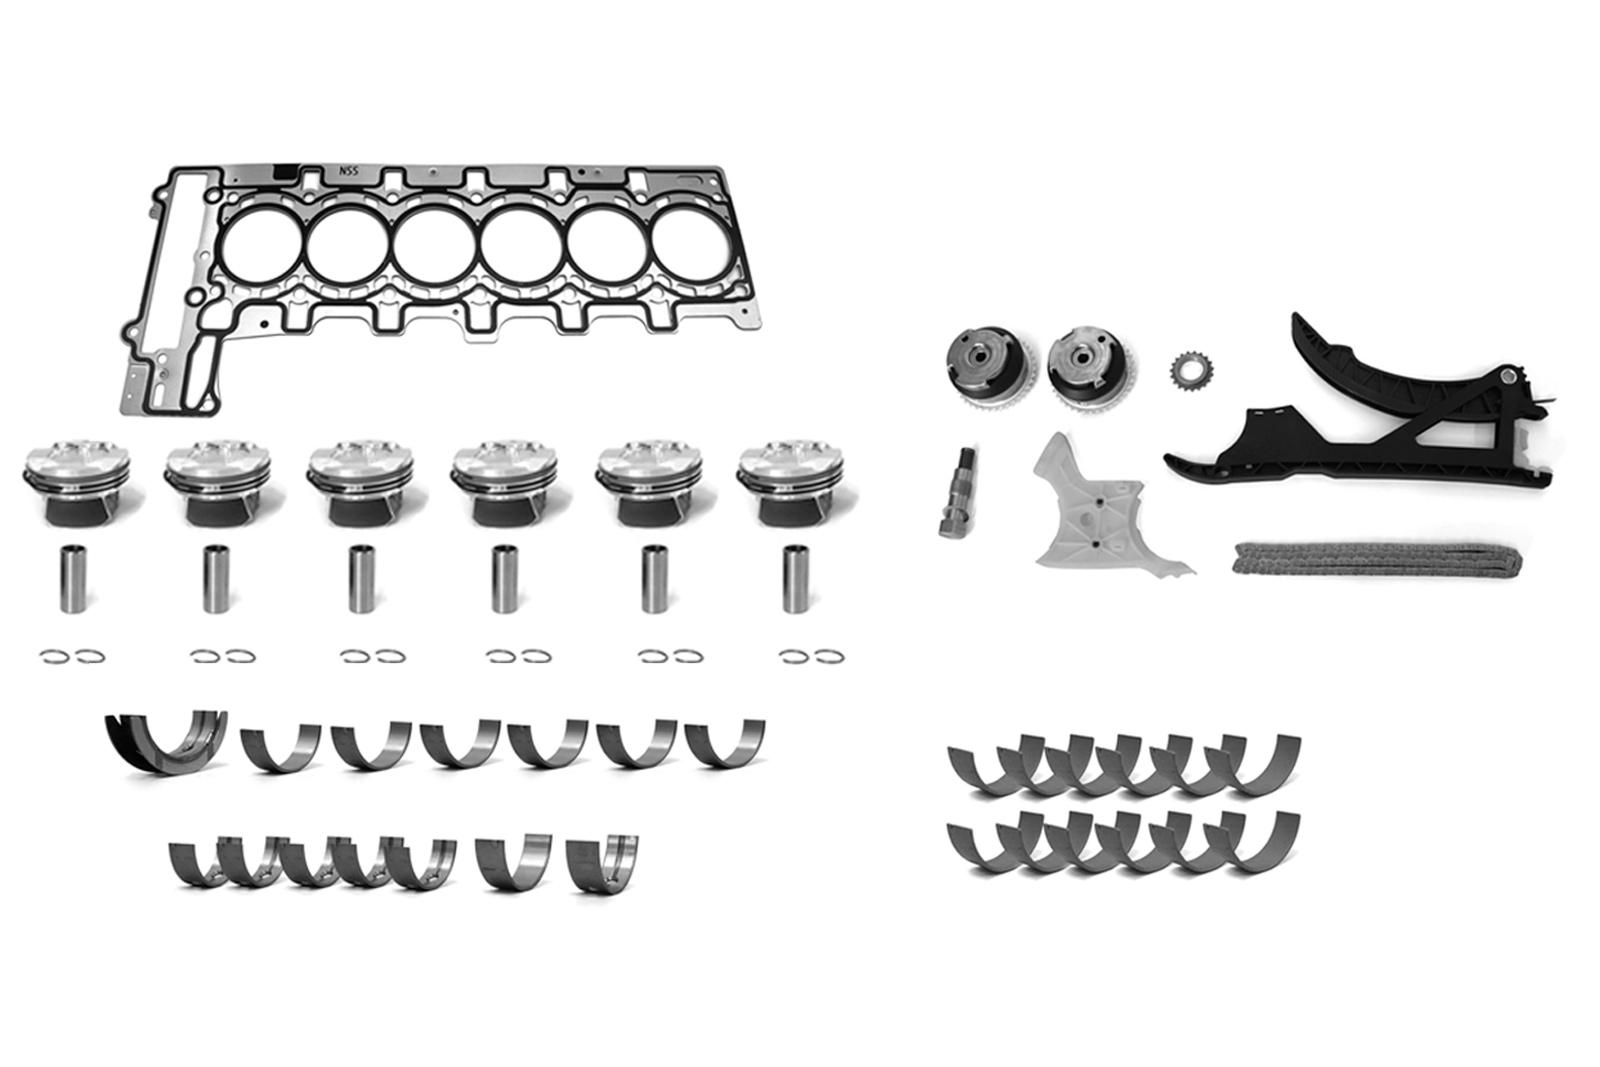 Kolben ZKD Lagerschalen Kettensatz BMW E90 F10 X3 X4 X5 3,0 N55 N55B30A NEU